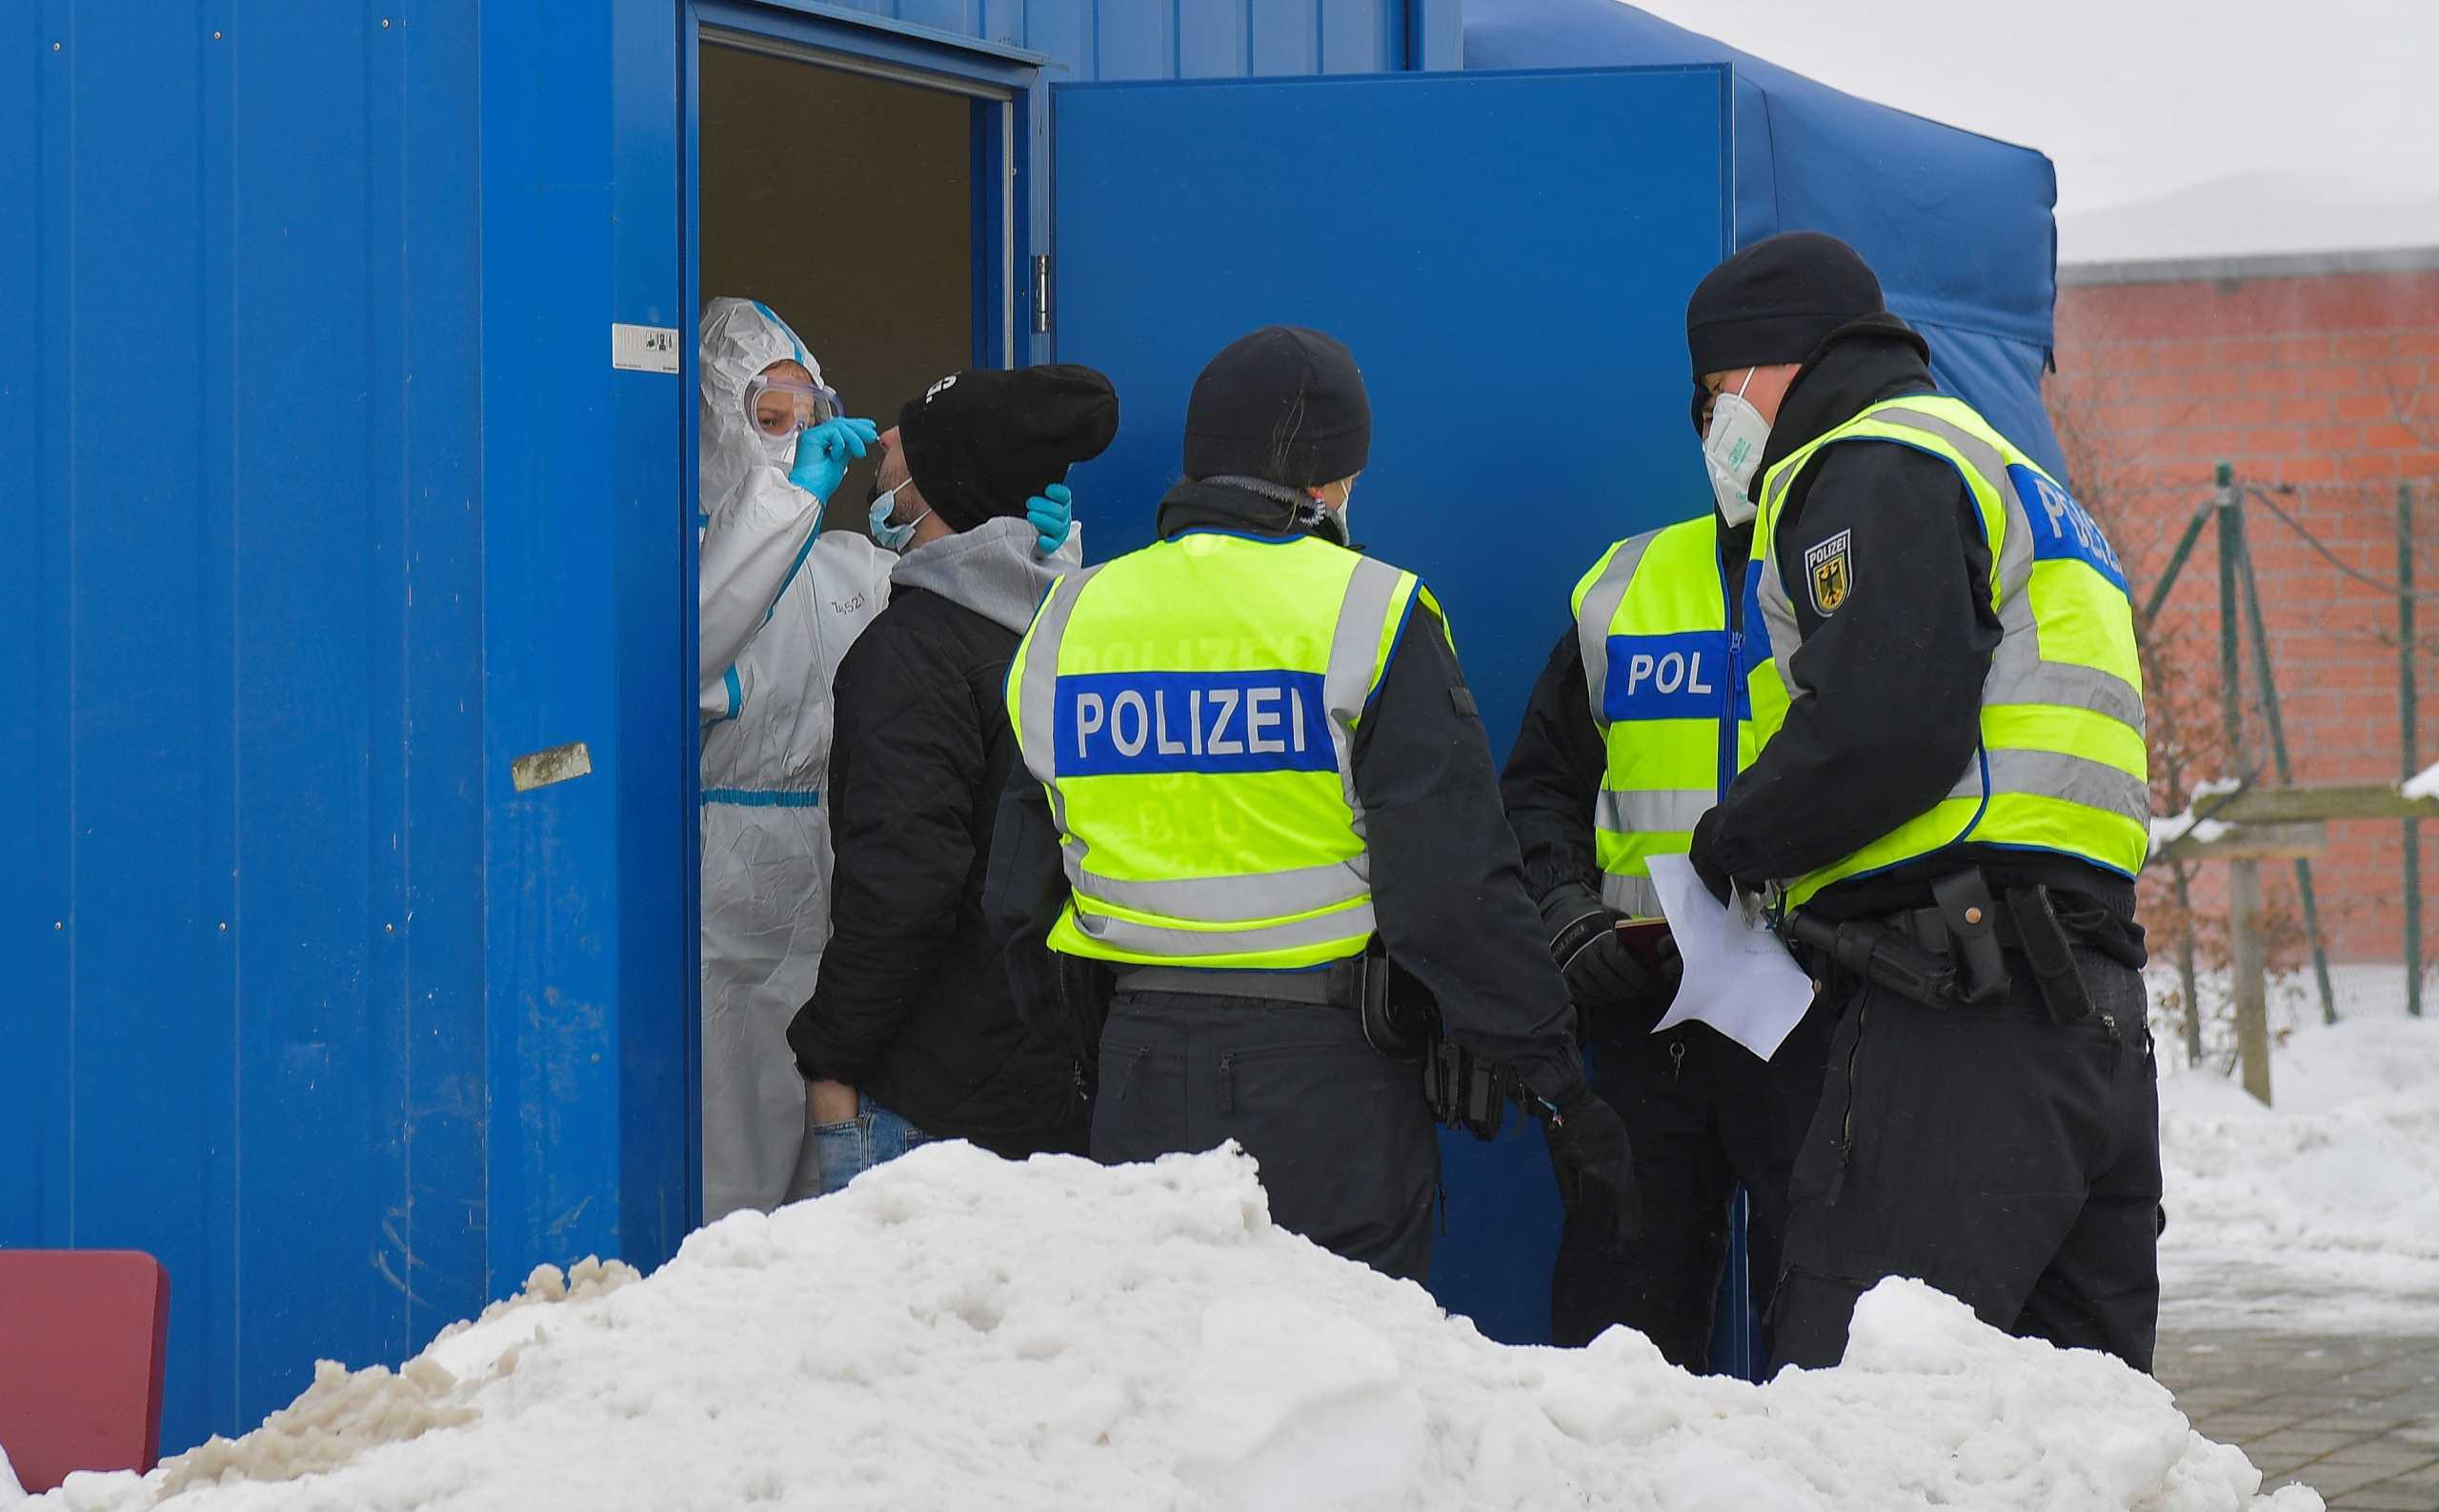 Παρατείνεται για 14 μέρες η απαγόρευση εισόδου στην Γερμανία από περιοχές μετάλλαξης του κορονοϊού